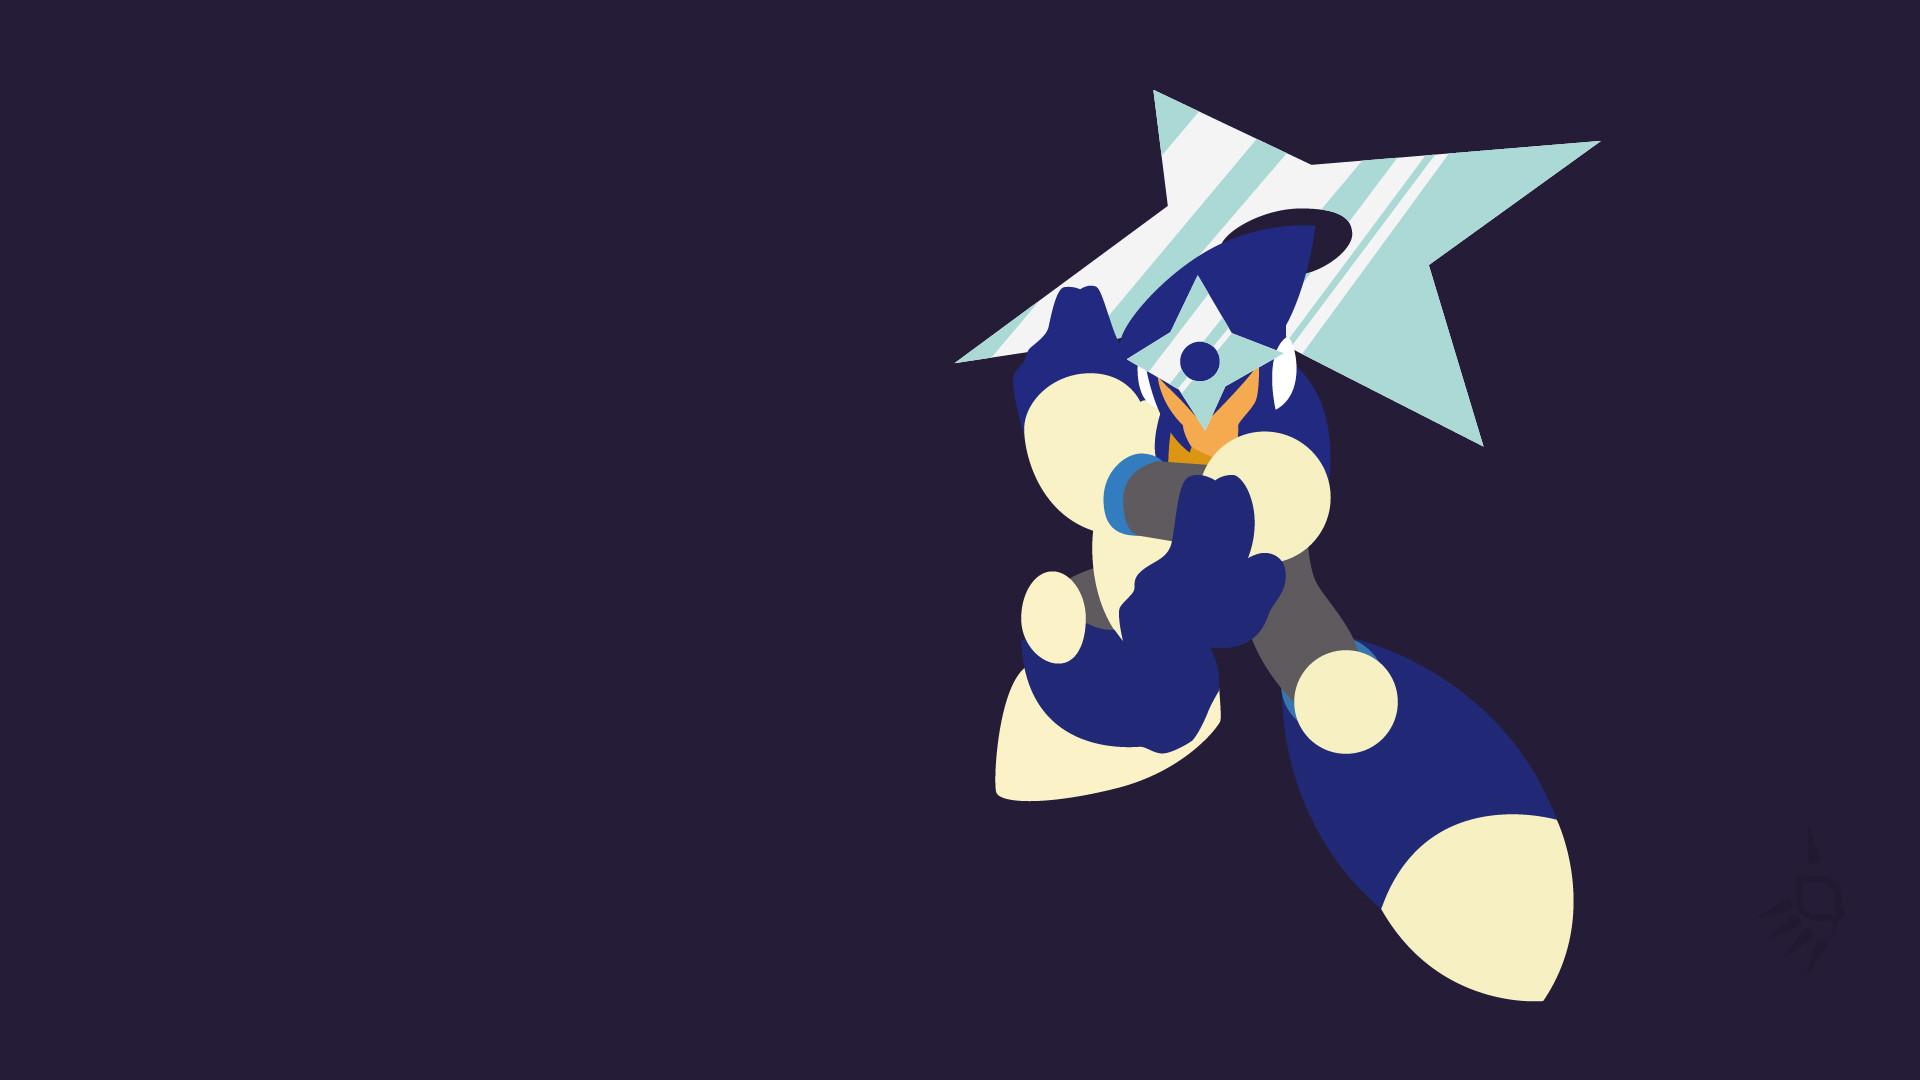 Mega man 1920×1080 wallpaper. Web